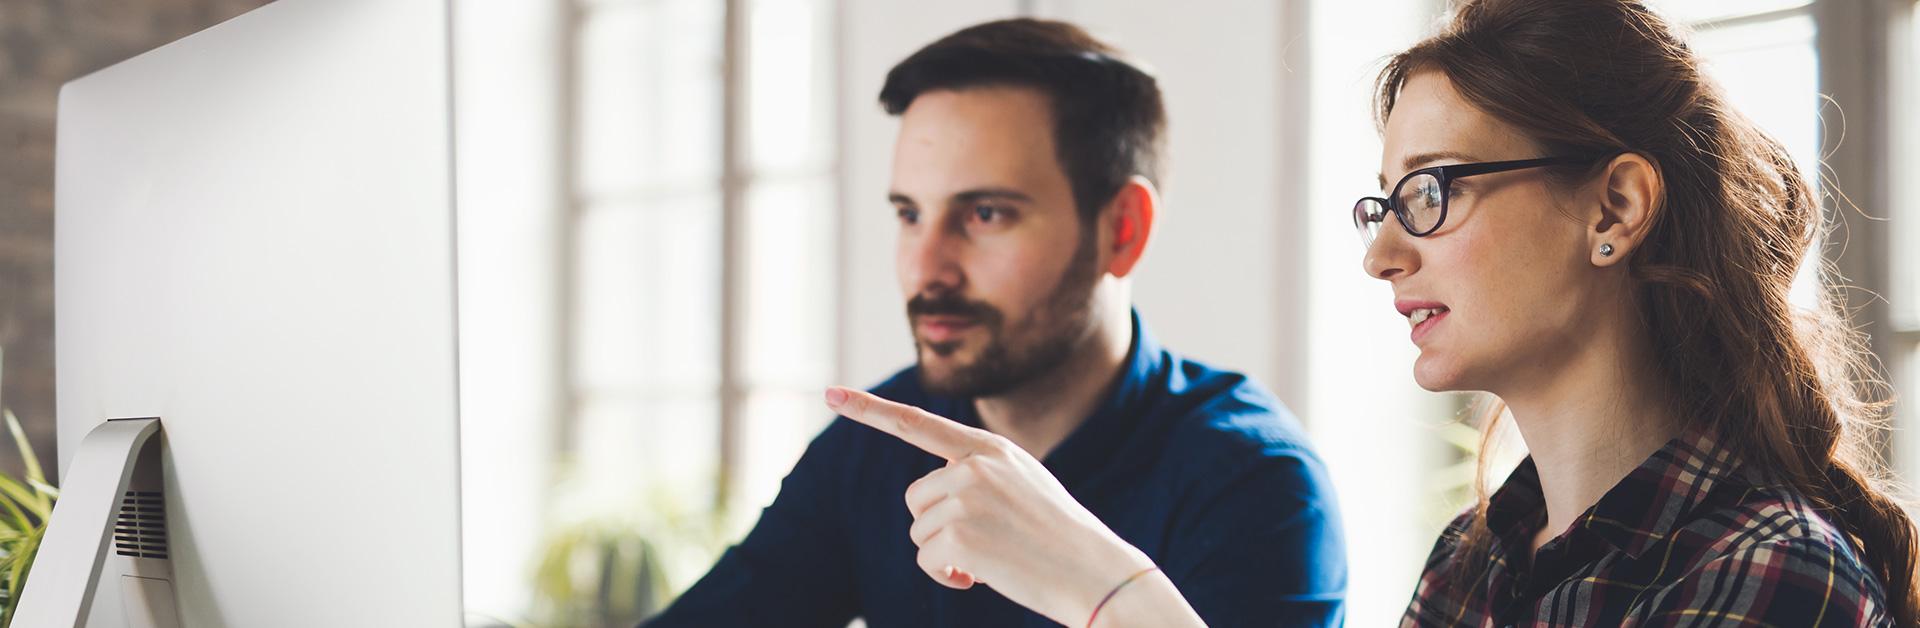 Foto de um homem e uma mulher olhando para o computador